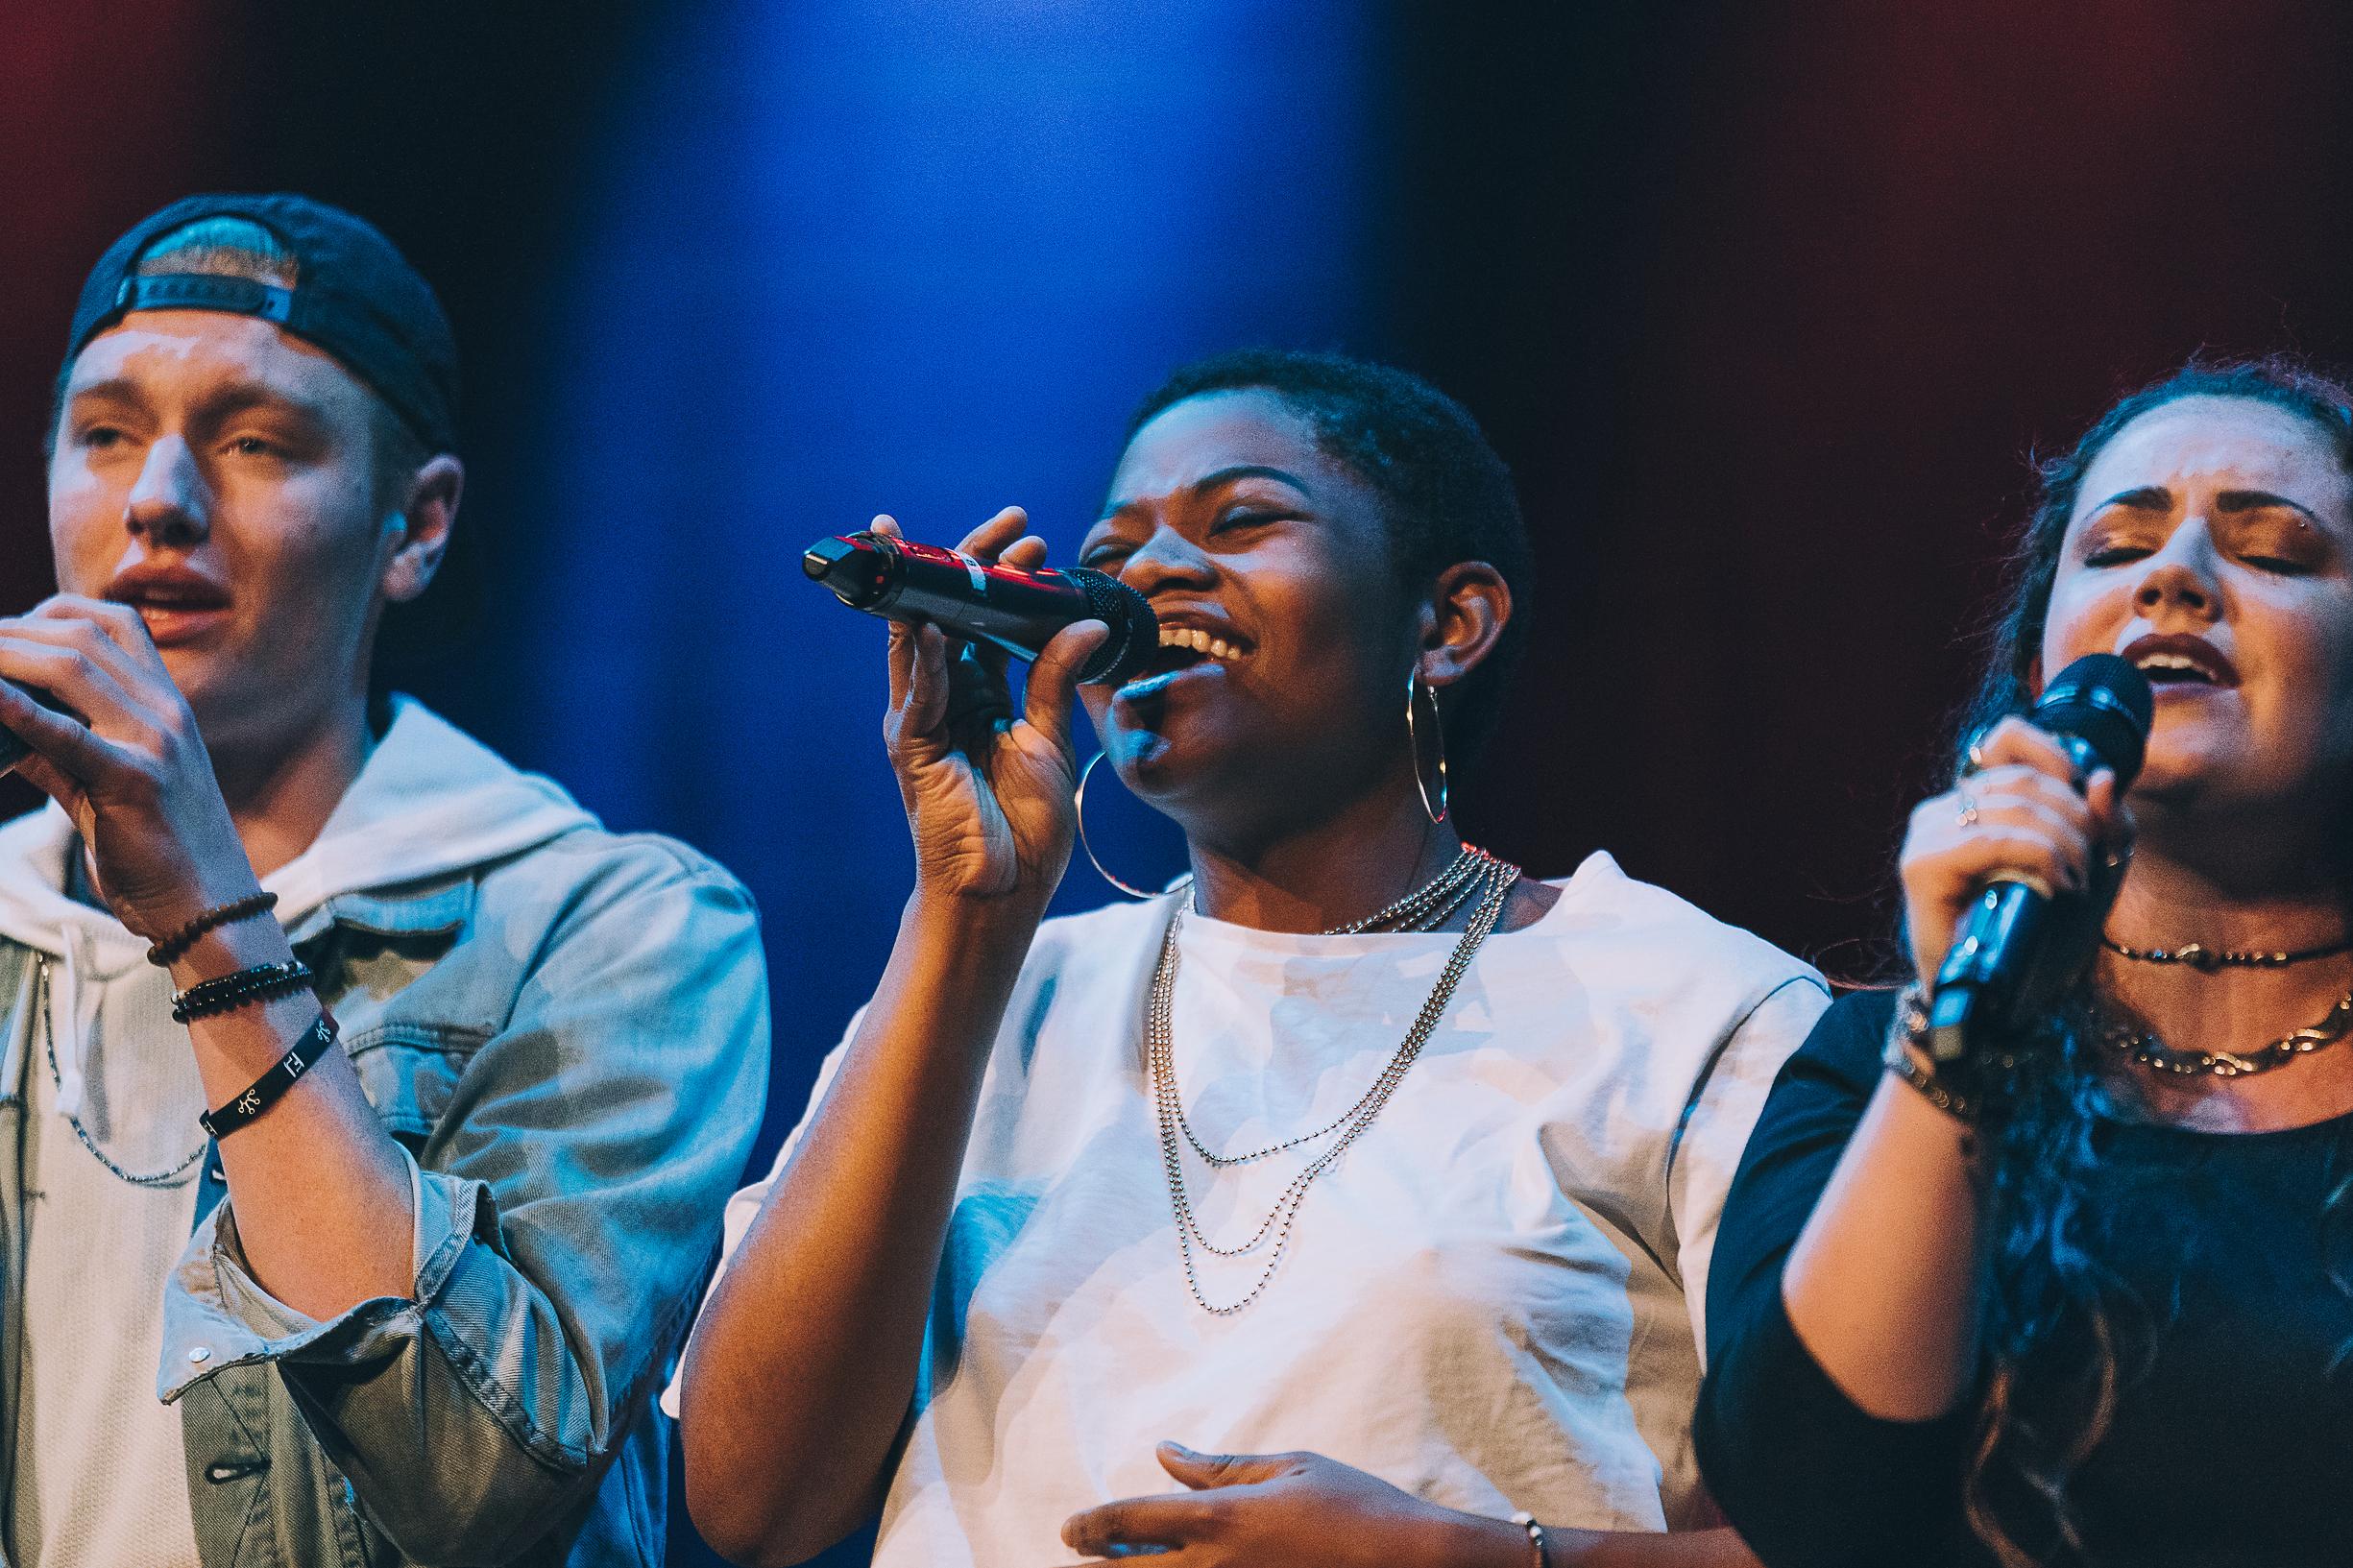 Tehillah Alphonso singing on stage